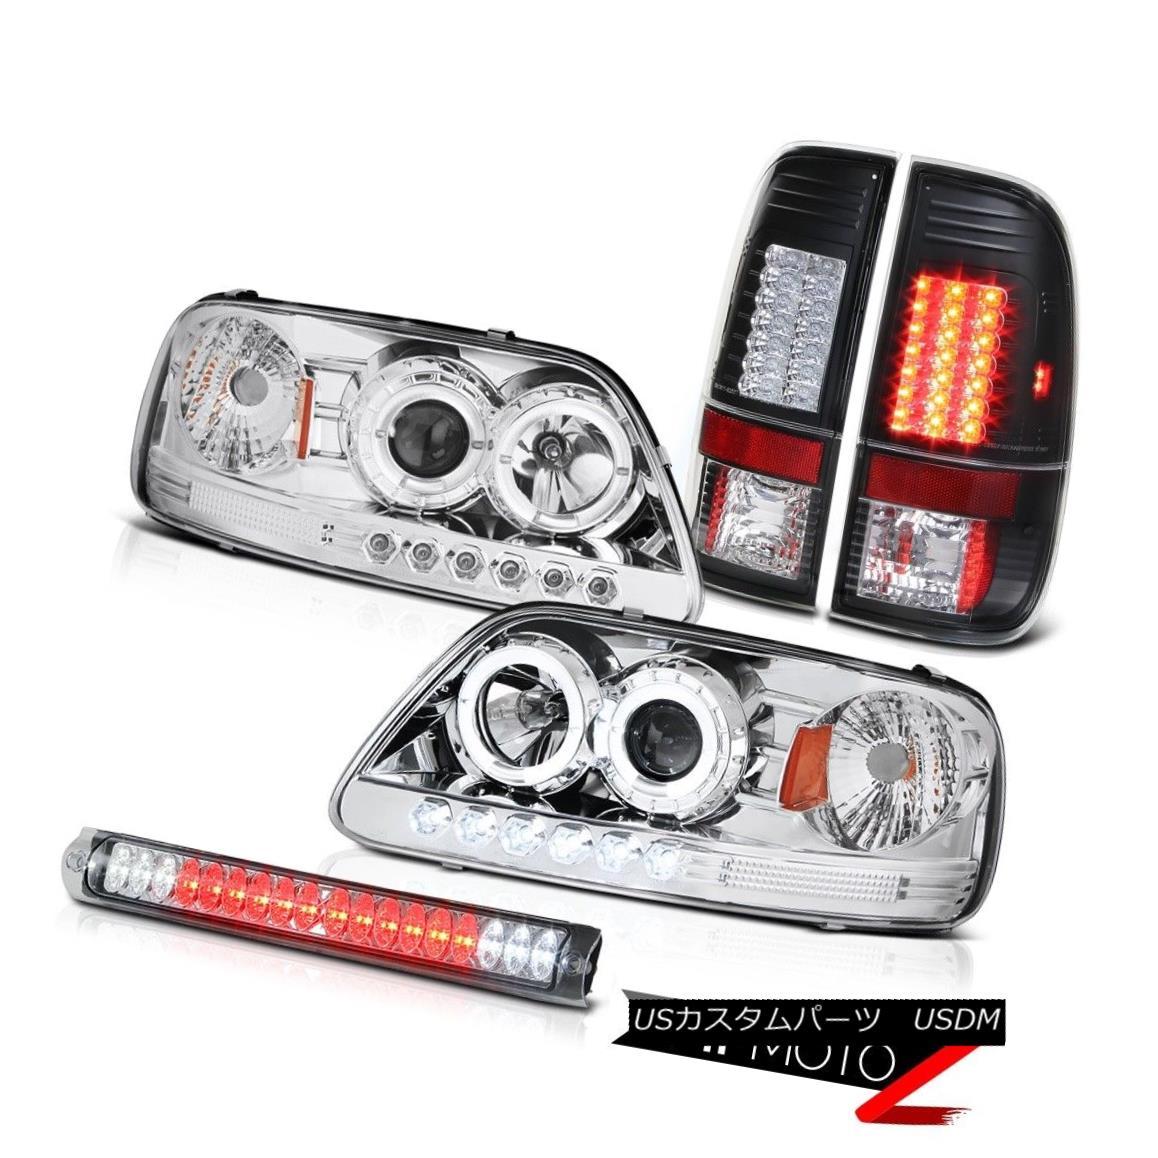 テールライト Halo LED Headlight Black Tail Lamp Brake Cargo Lamp F150 Harley Davidson 97-2003 Halo LEDヘッドライトブラックテールランプブレーキカーゴランプF150 Harley Davidson 97-2003